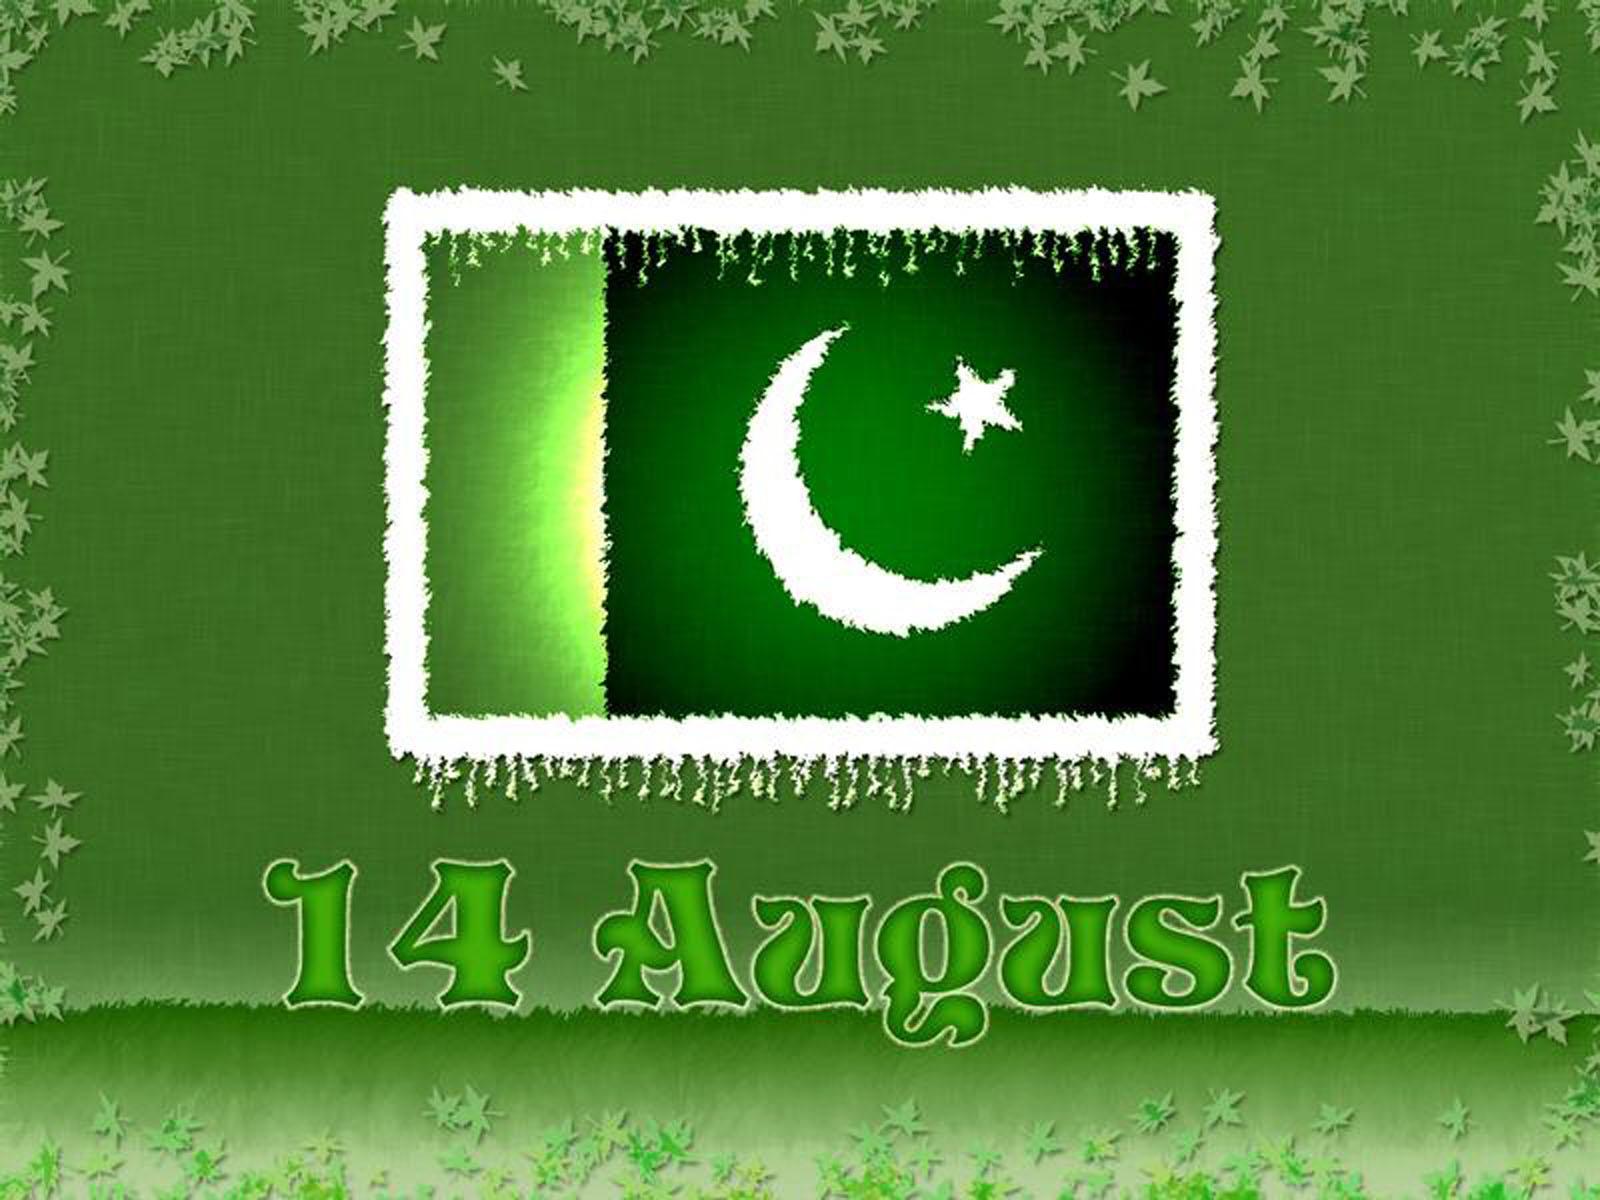 Pakistan Flag Photos - 2013 Wallpapers